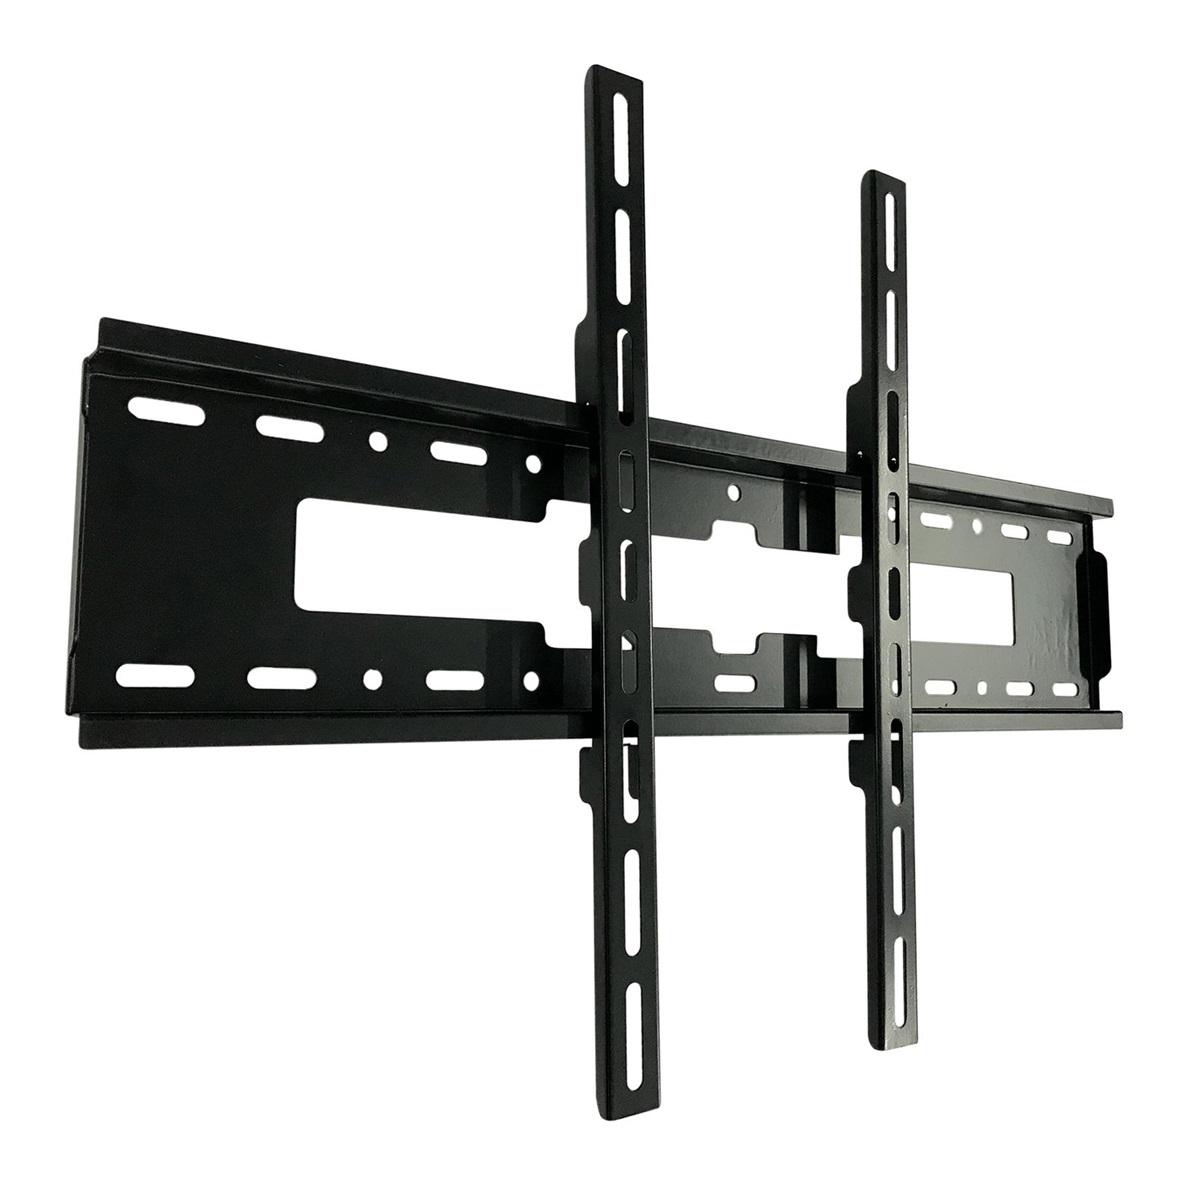 Khung treo tivi áp tường 37-65 inch dùng cho tivi CD-LED-PLASMA -OLED tiện lợi mọi gia đình - hàng chính hãng